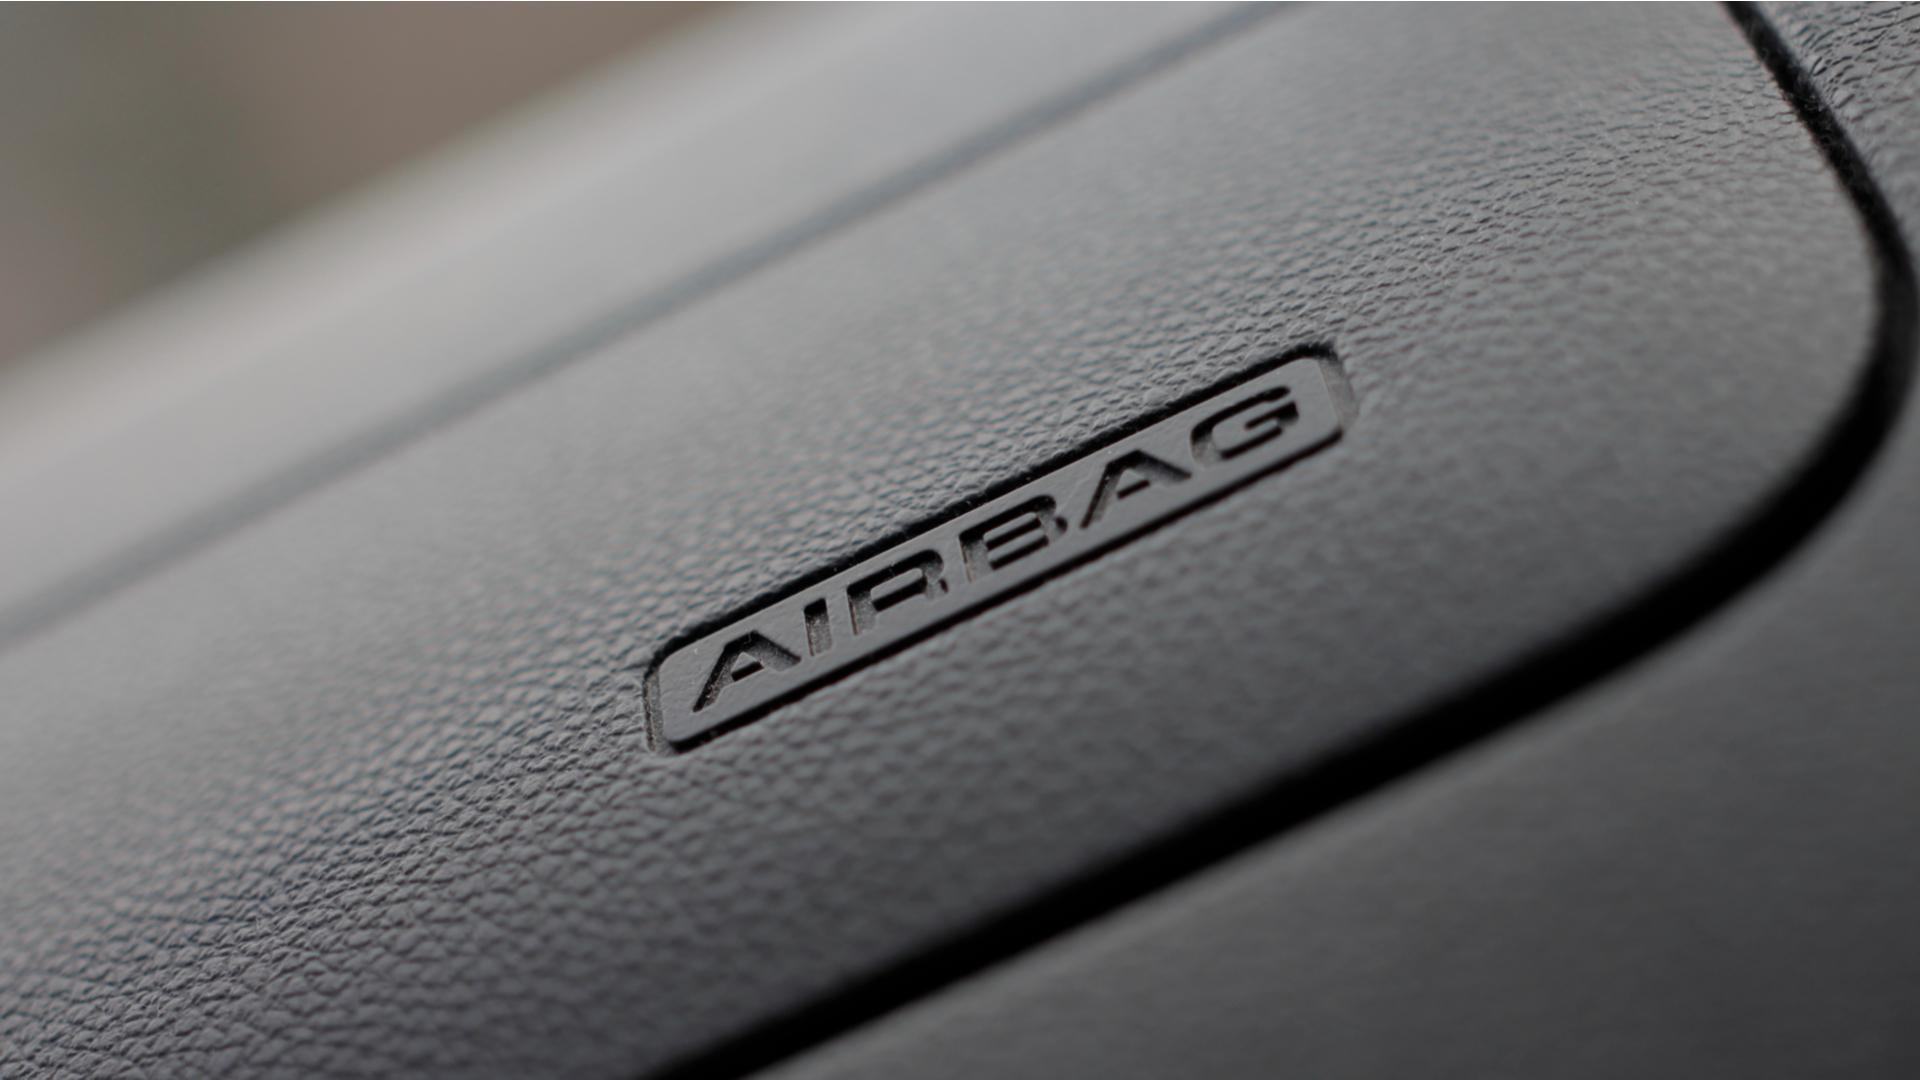 airbags escrito no painel do carro detalhe